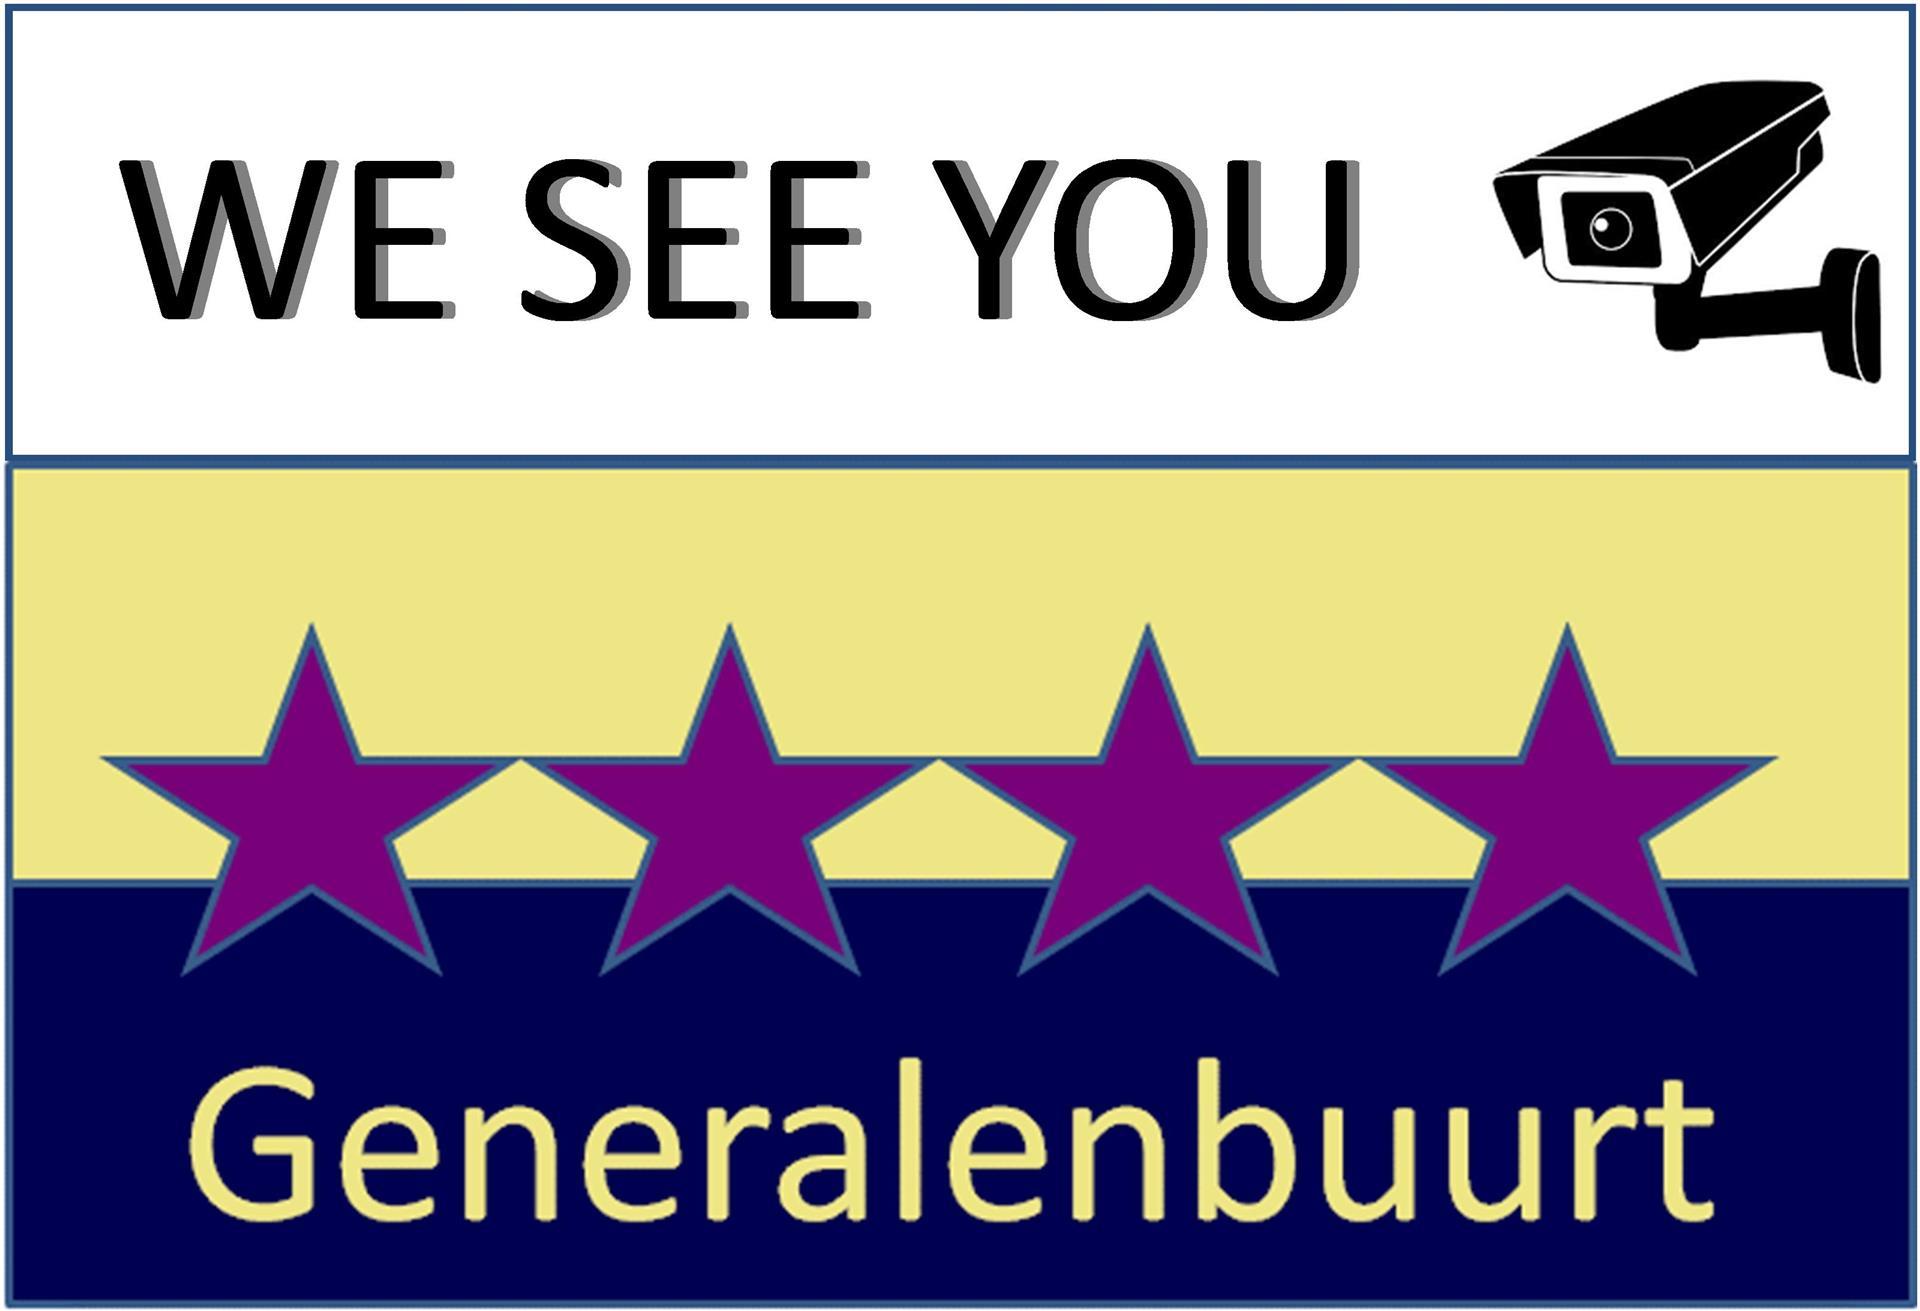 logo_generalenbuurt-we see you.jpg